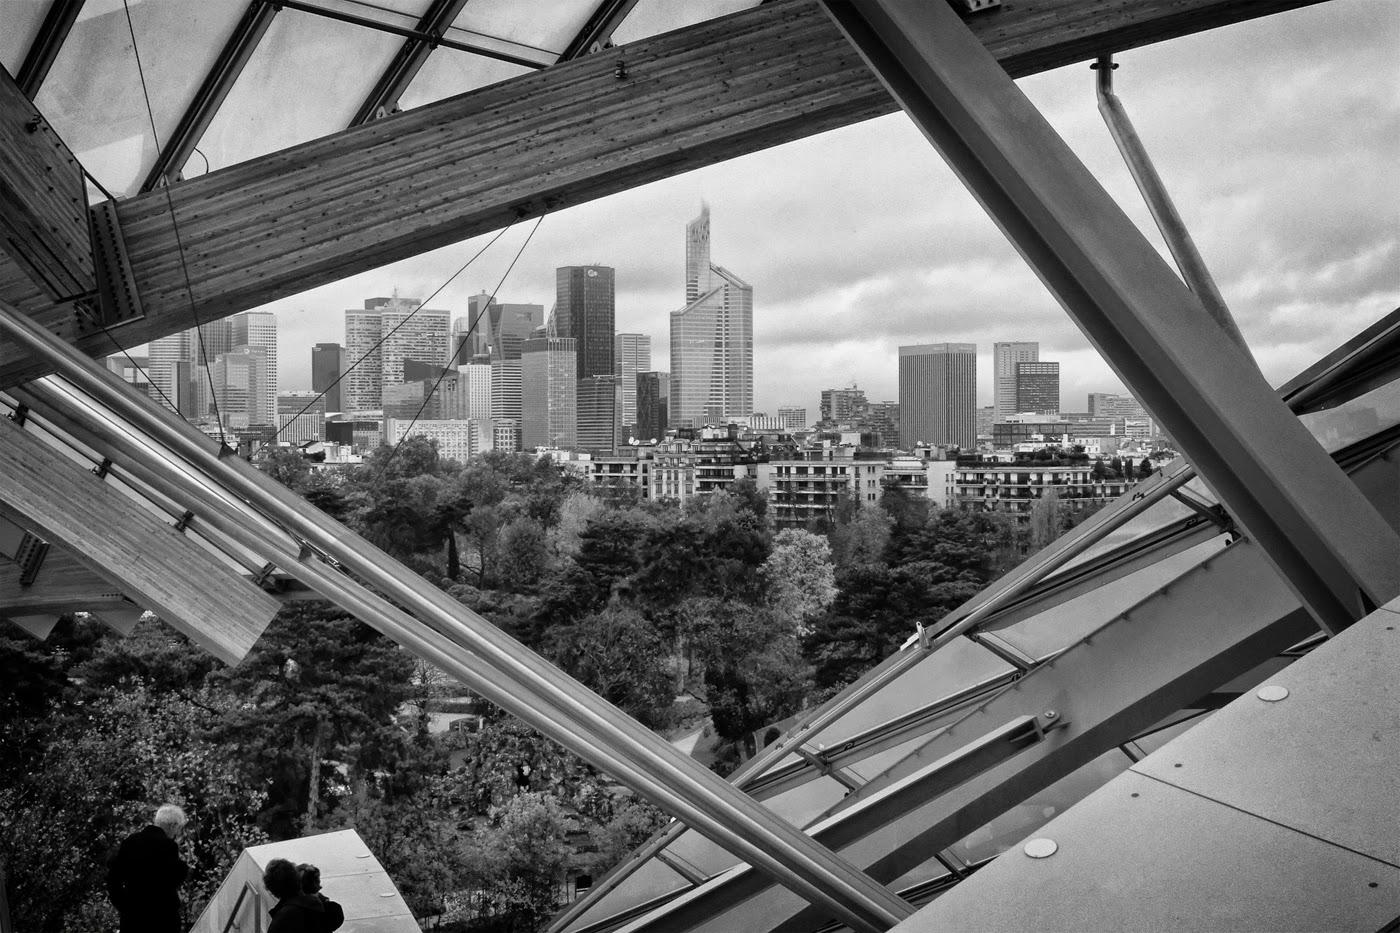 Paris fvdv fondation louis vuitton - Ruimte stijl louis philippe ...